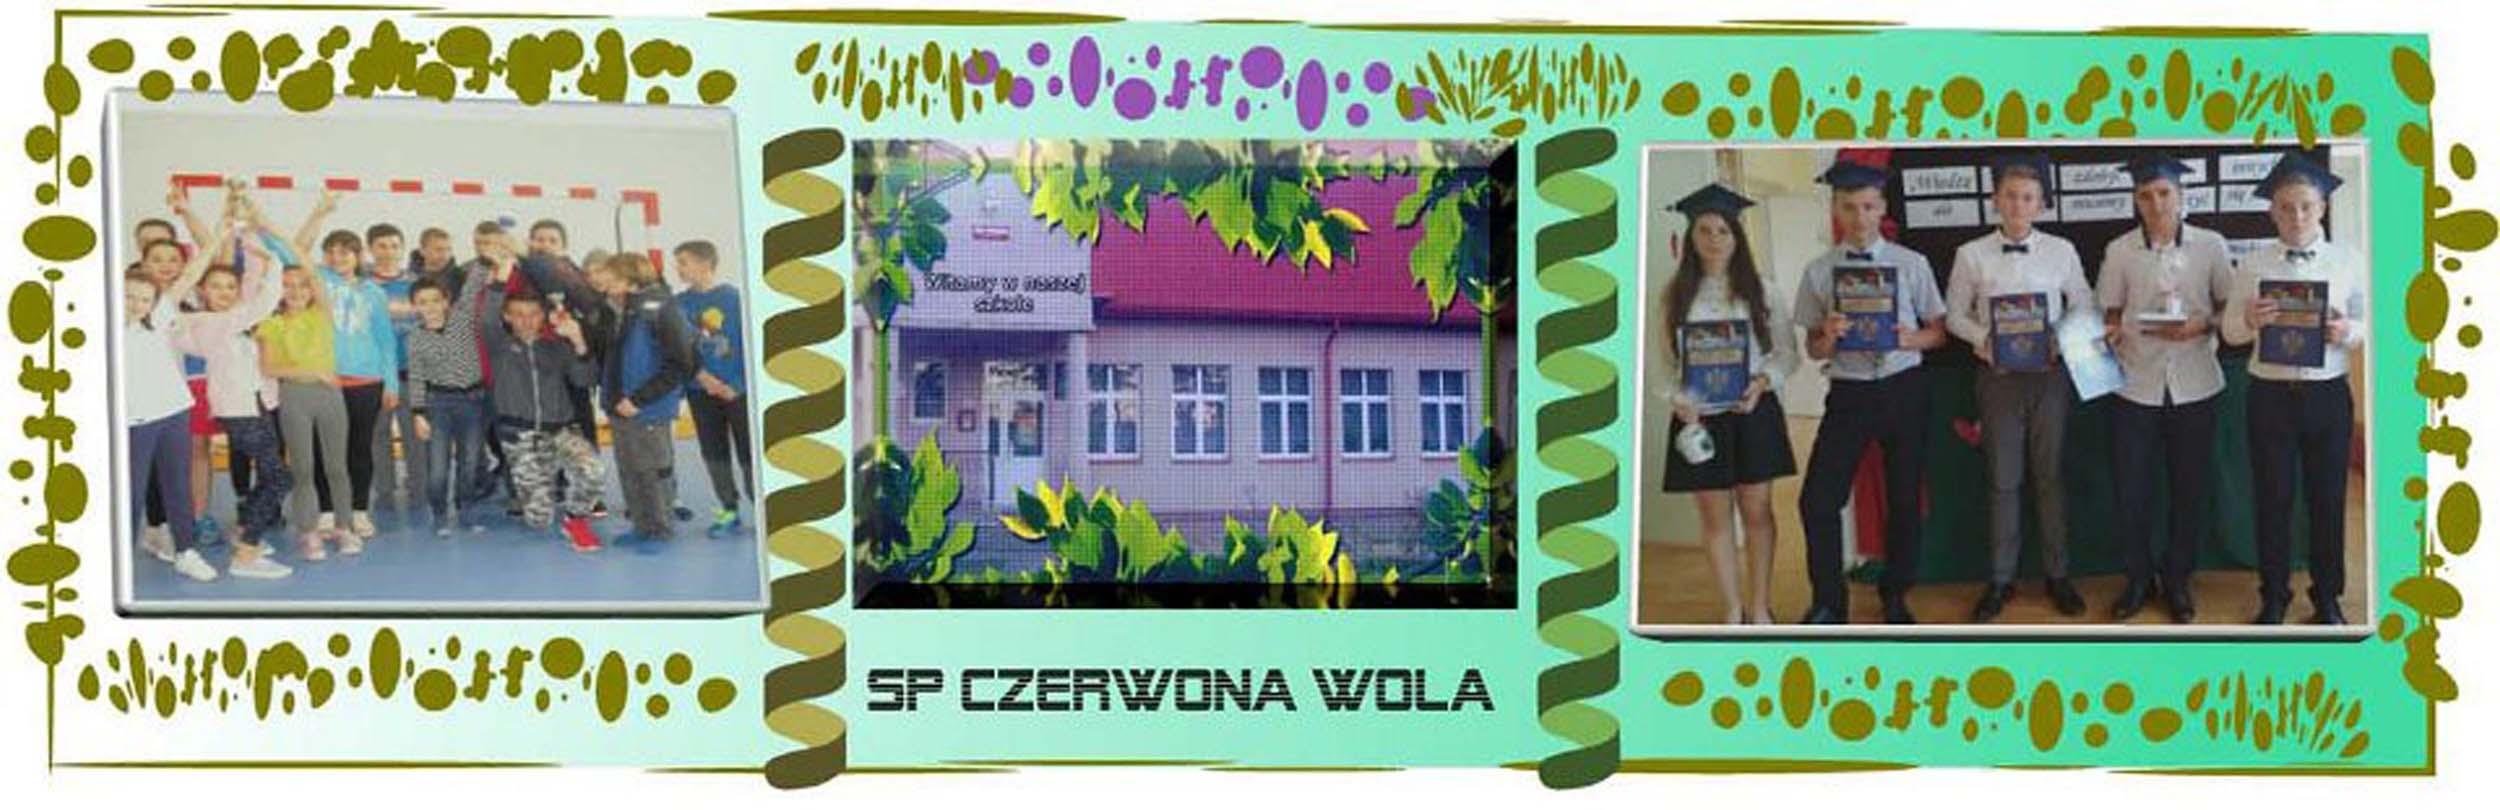 Szkoła Podstawowa im. Jana Pawła II w Czerwonej Woli